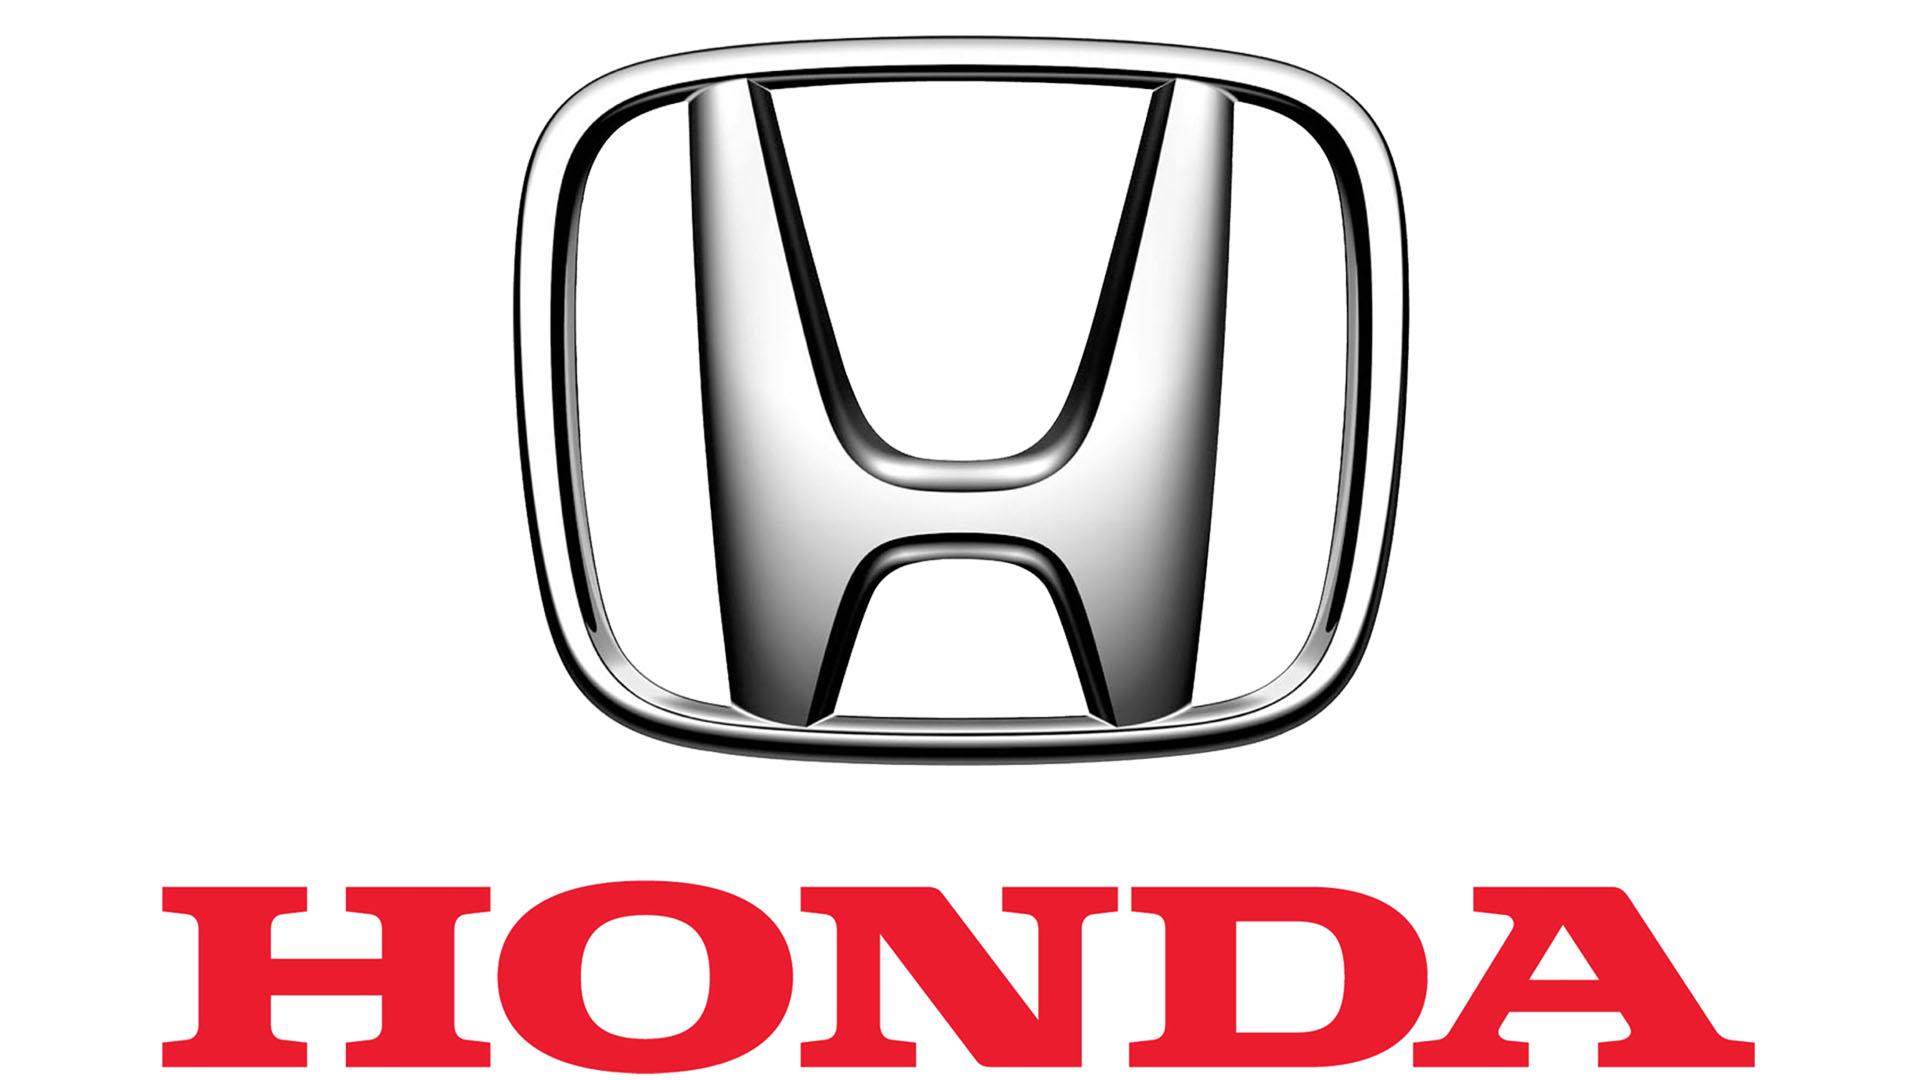 Materiał powstał we współpracy z marką Honda